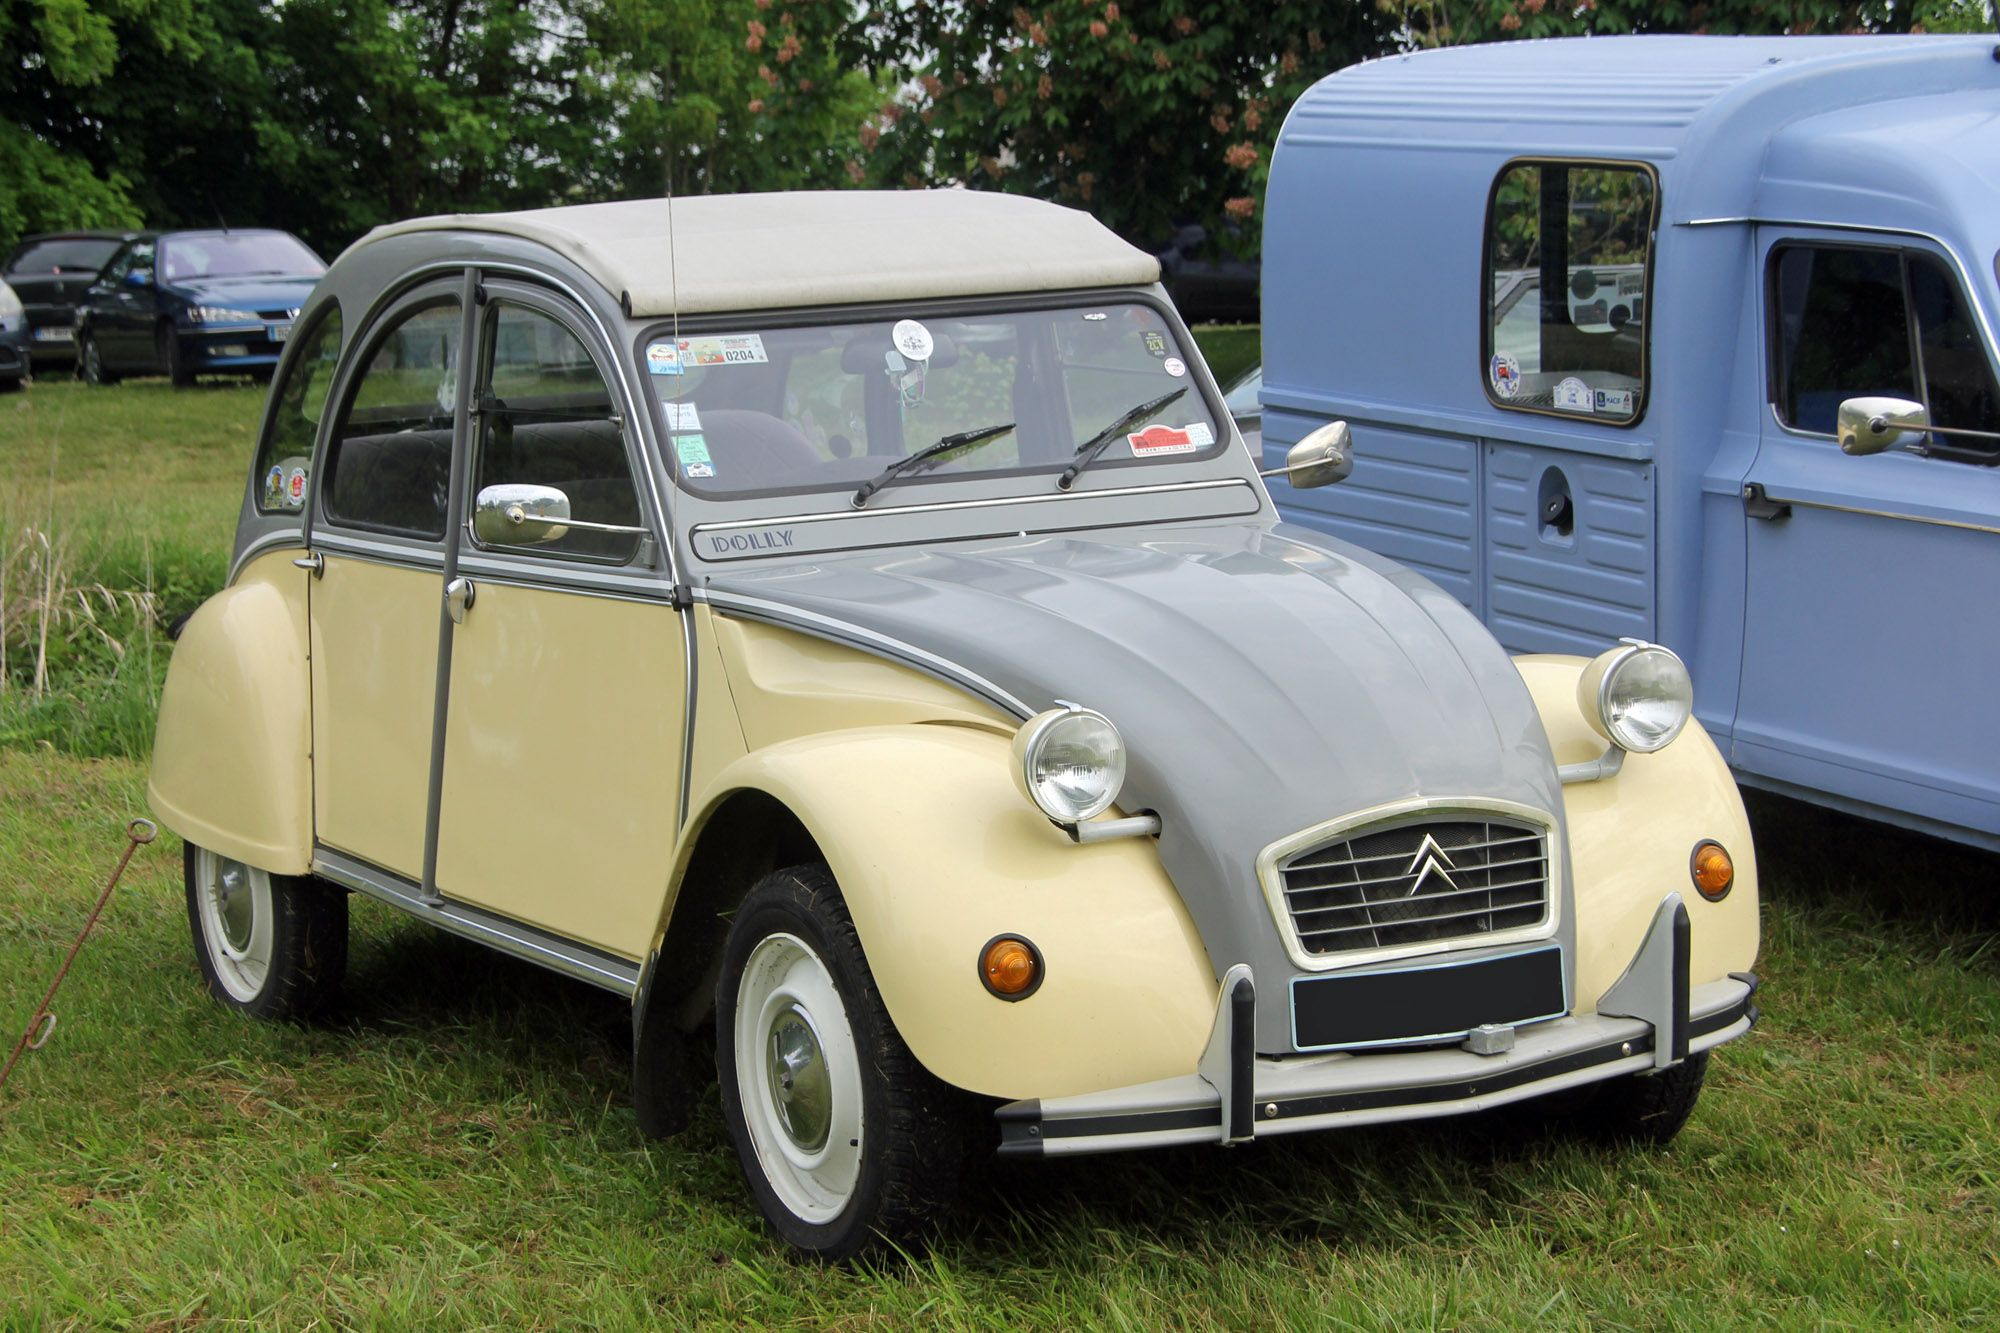 Citroen 2cv Dolly 1 Modeles De Mars 1985 3000 Exemplaires Dont 1500 Pour La France Capot Et Haut De Cote Gris Cormoran Evp Aile 2cv Dolly 2cv Citroen 2cv